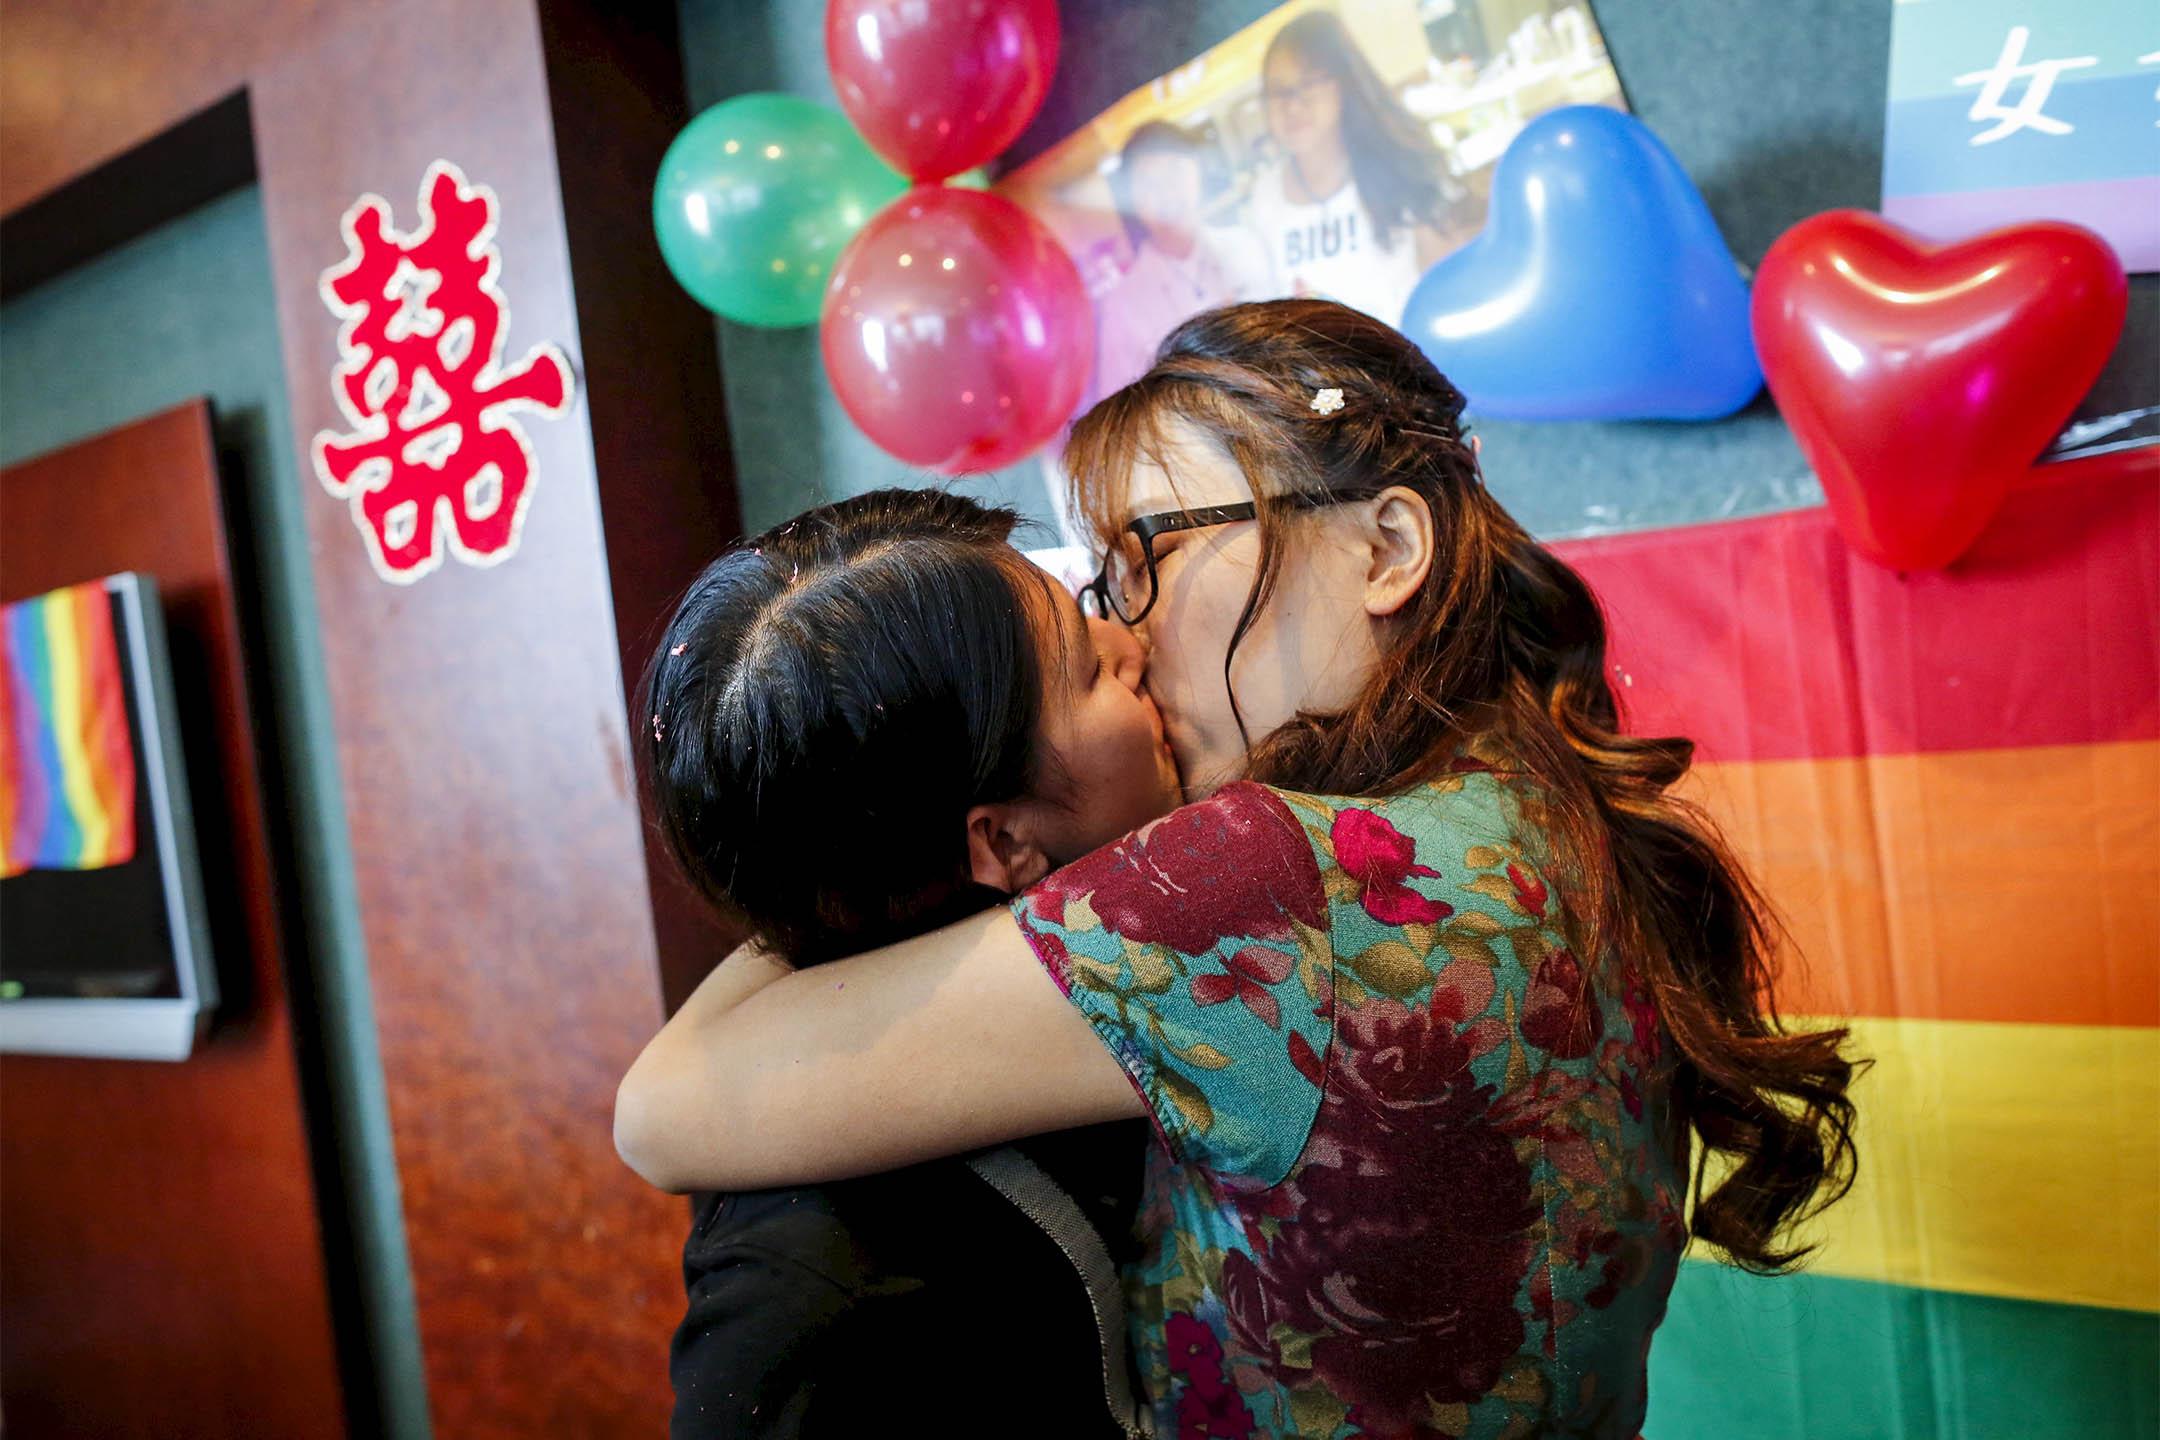 2015年7月2日,李婷婷與她的伴侶在北京舉行的婚宴上接吻。她一直推動中國的女權活動和LGBT權利。 攝:Kim Kyung Hoon/Reuters/達志影像